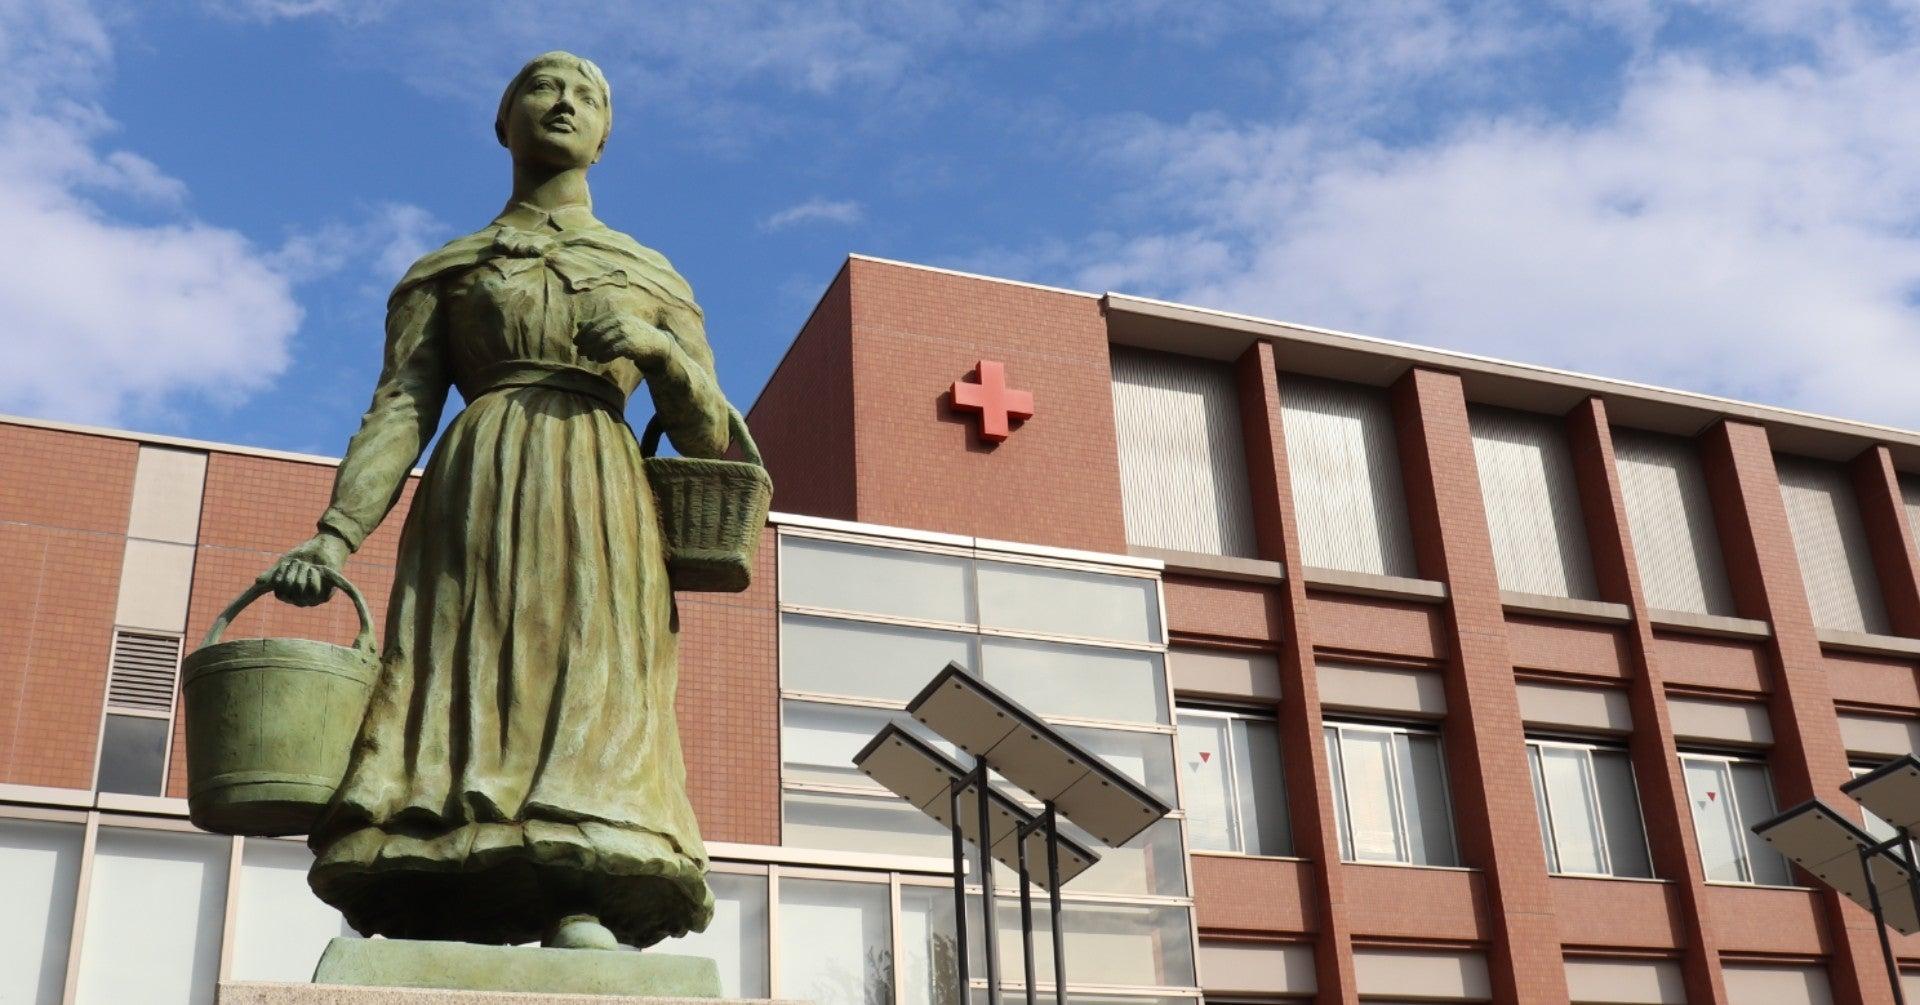 さいたま 大学 看護 学部 看護 赤十字 日本 2020年度入試 インターネット出願サイトを公開しました